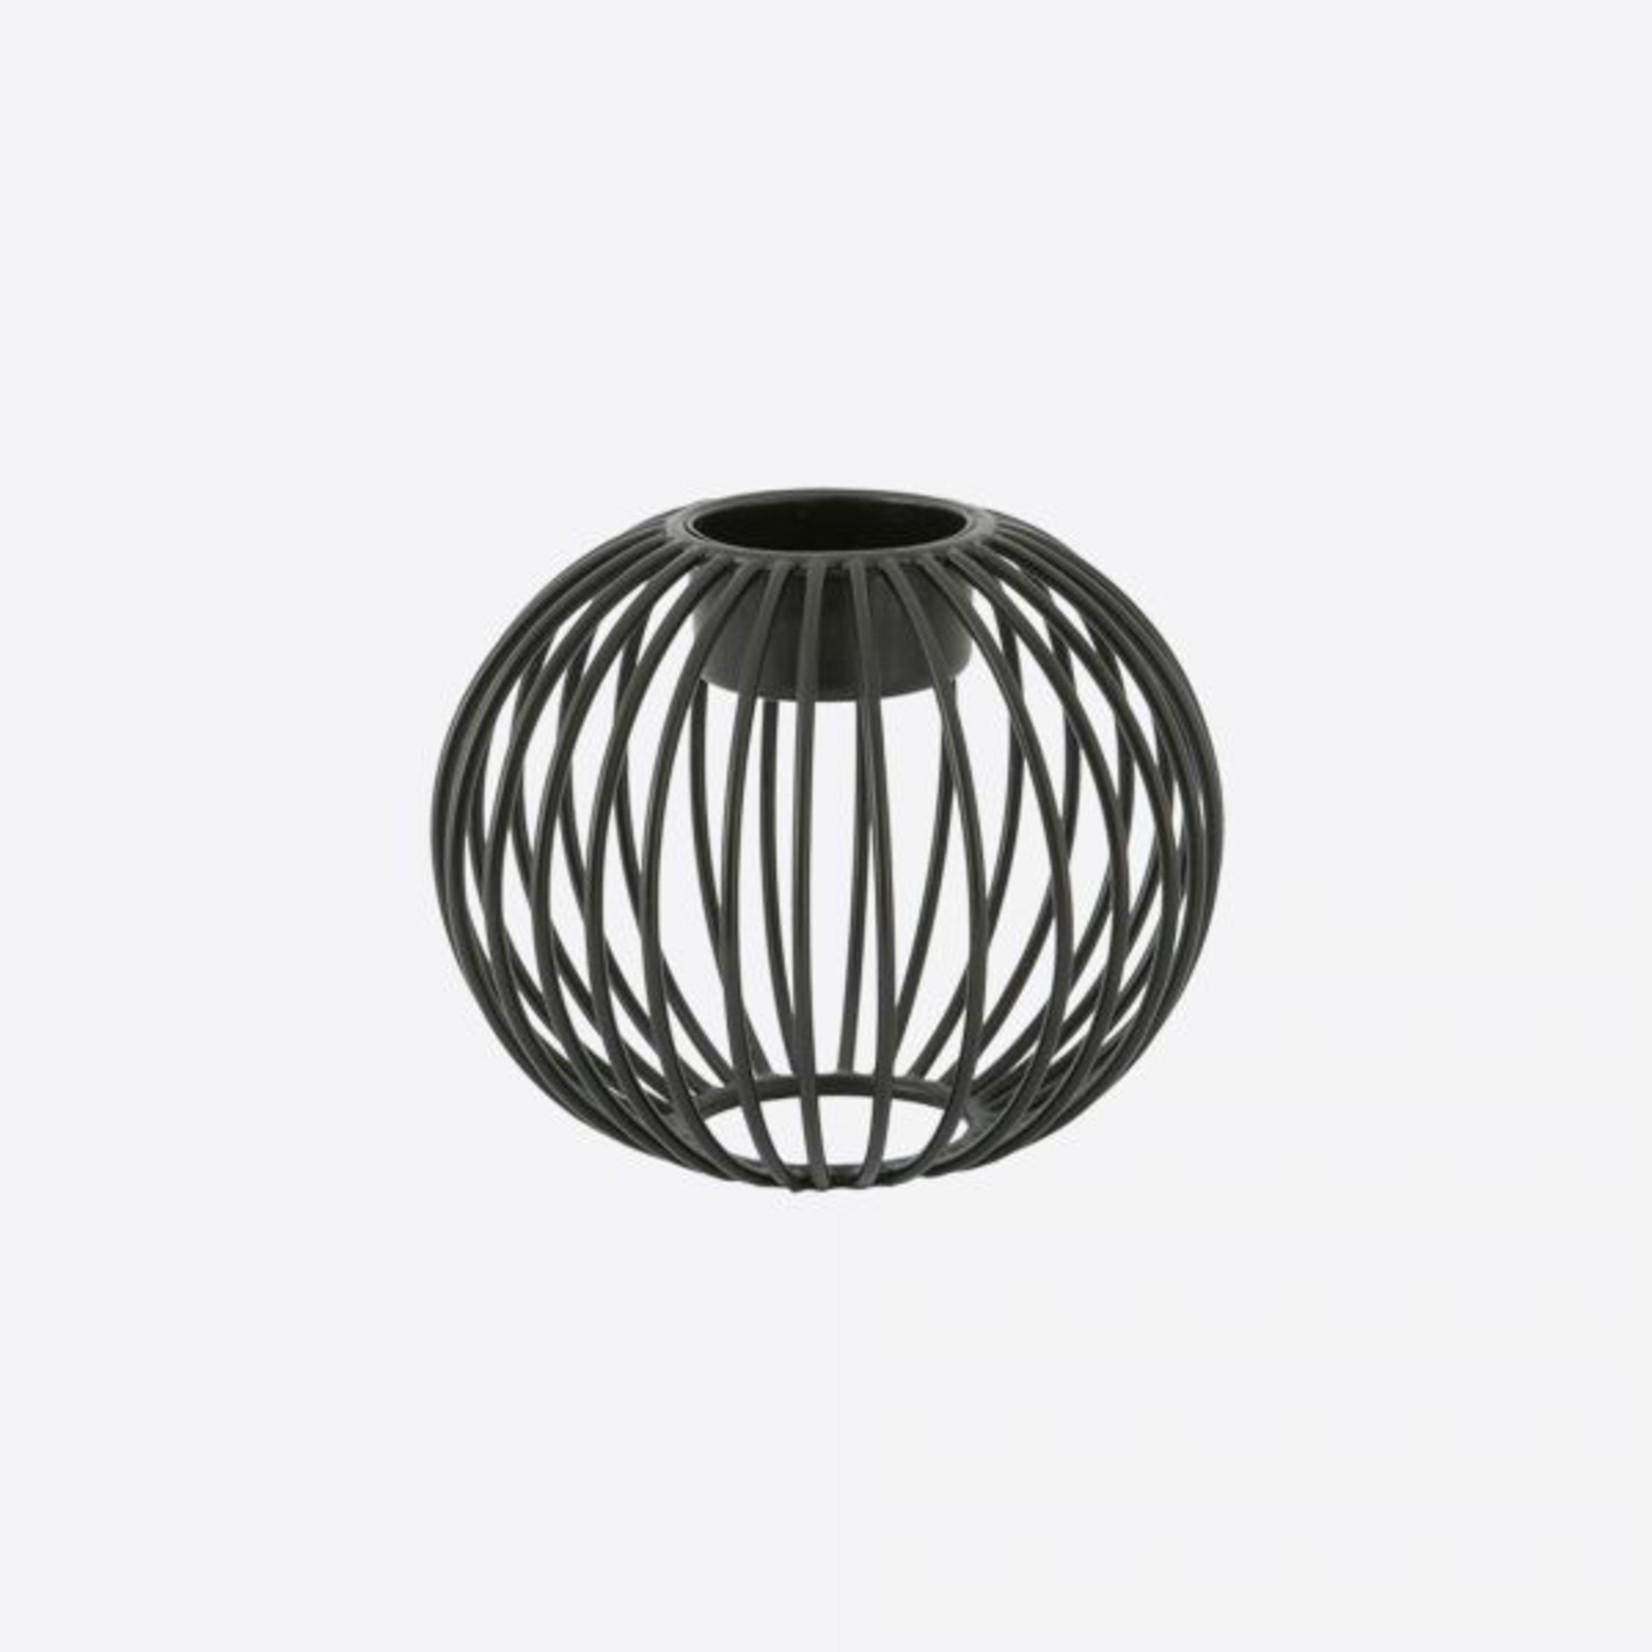 Point Virgule Theelichthouder - Wire - Rond - Zwart - Ø 10,5cm